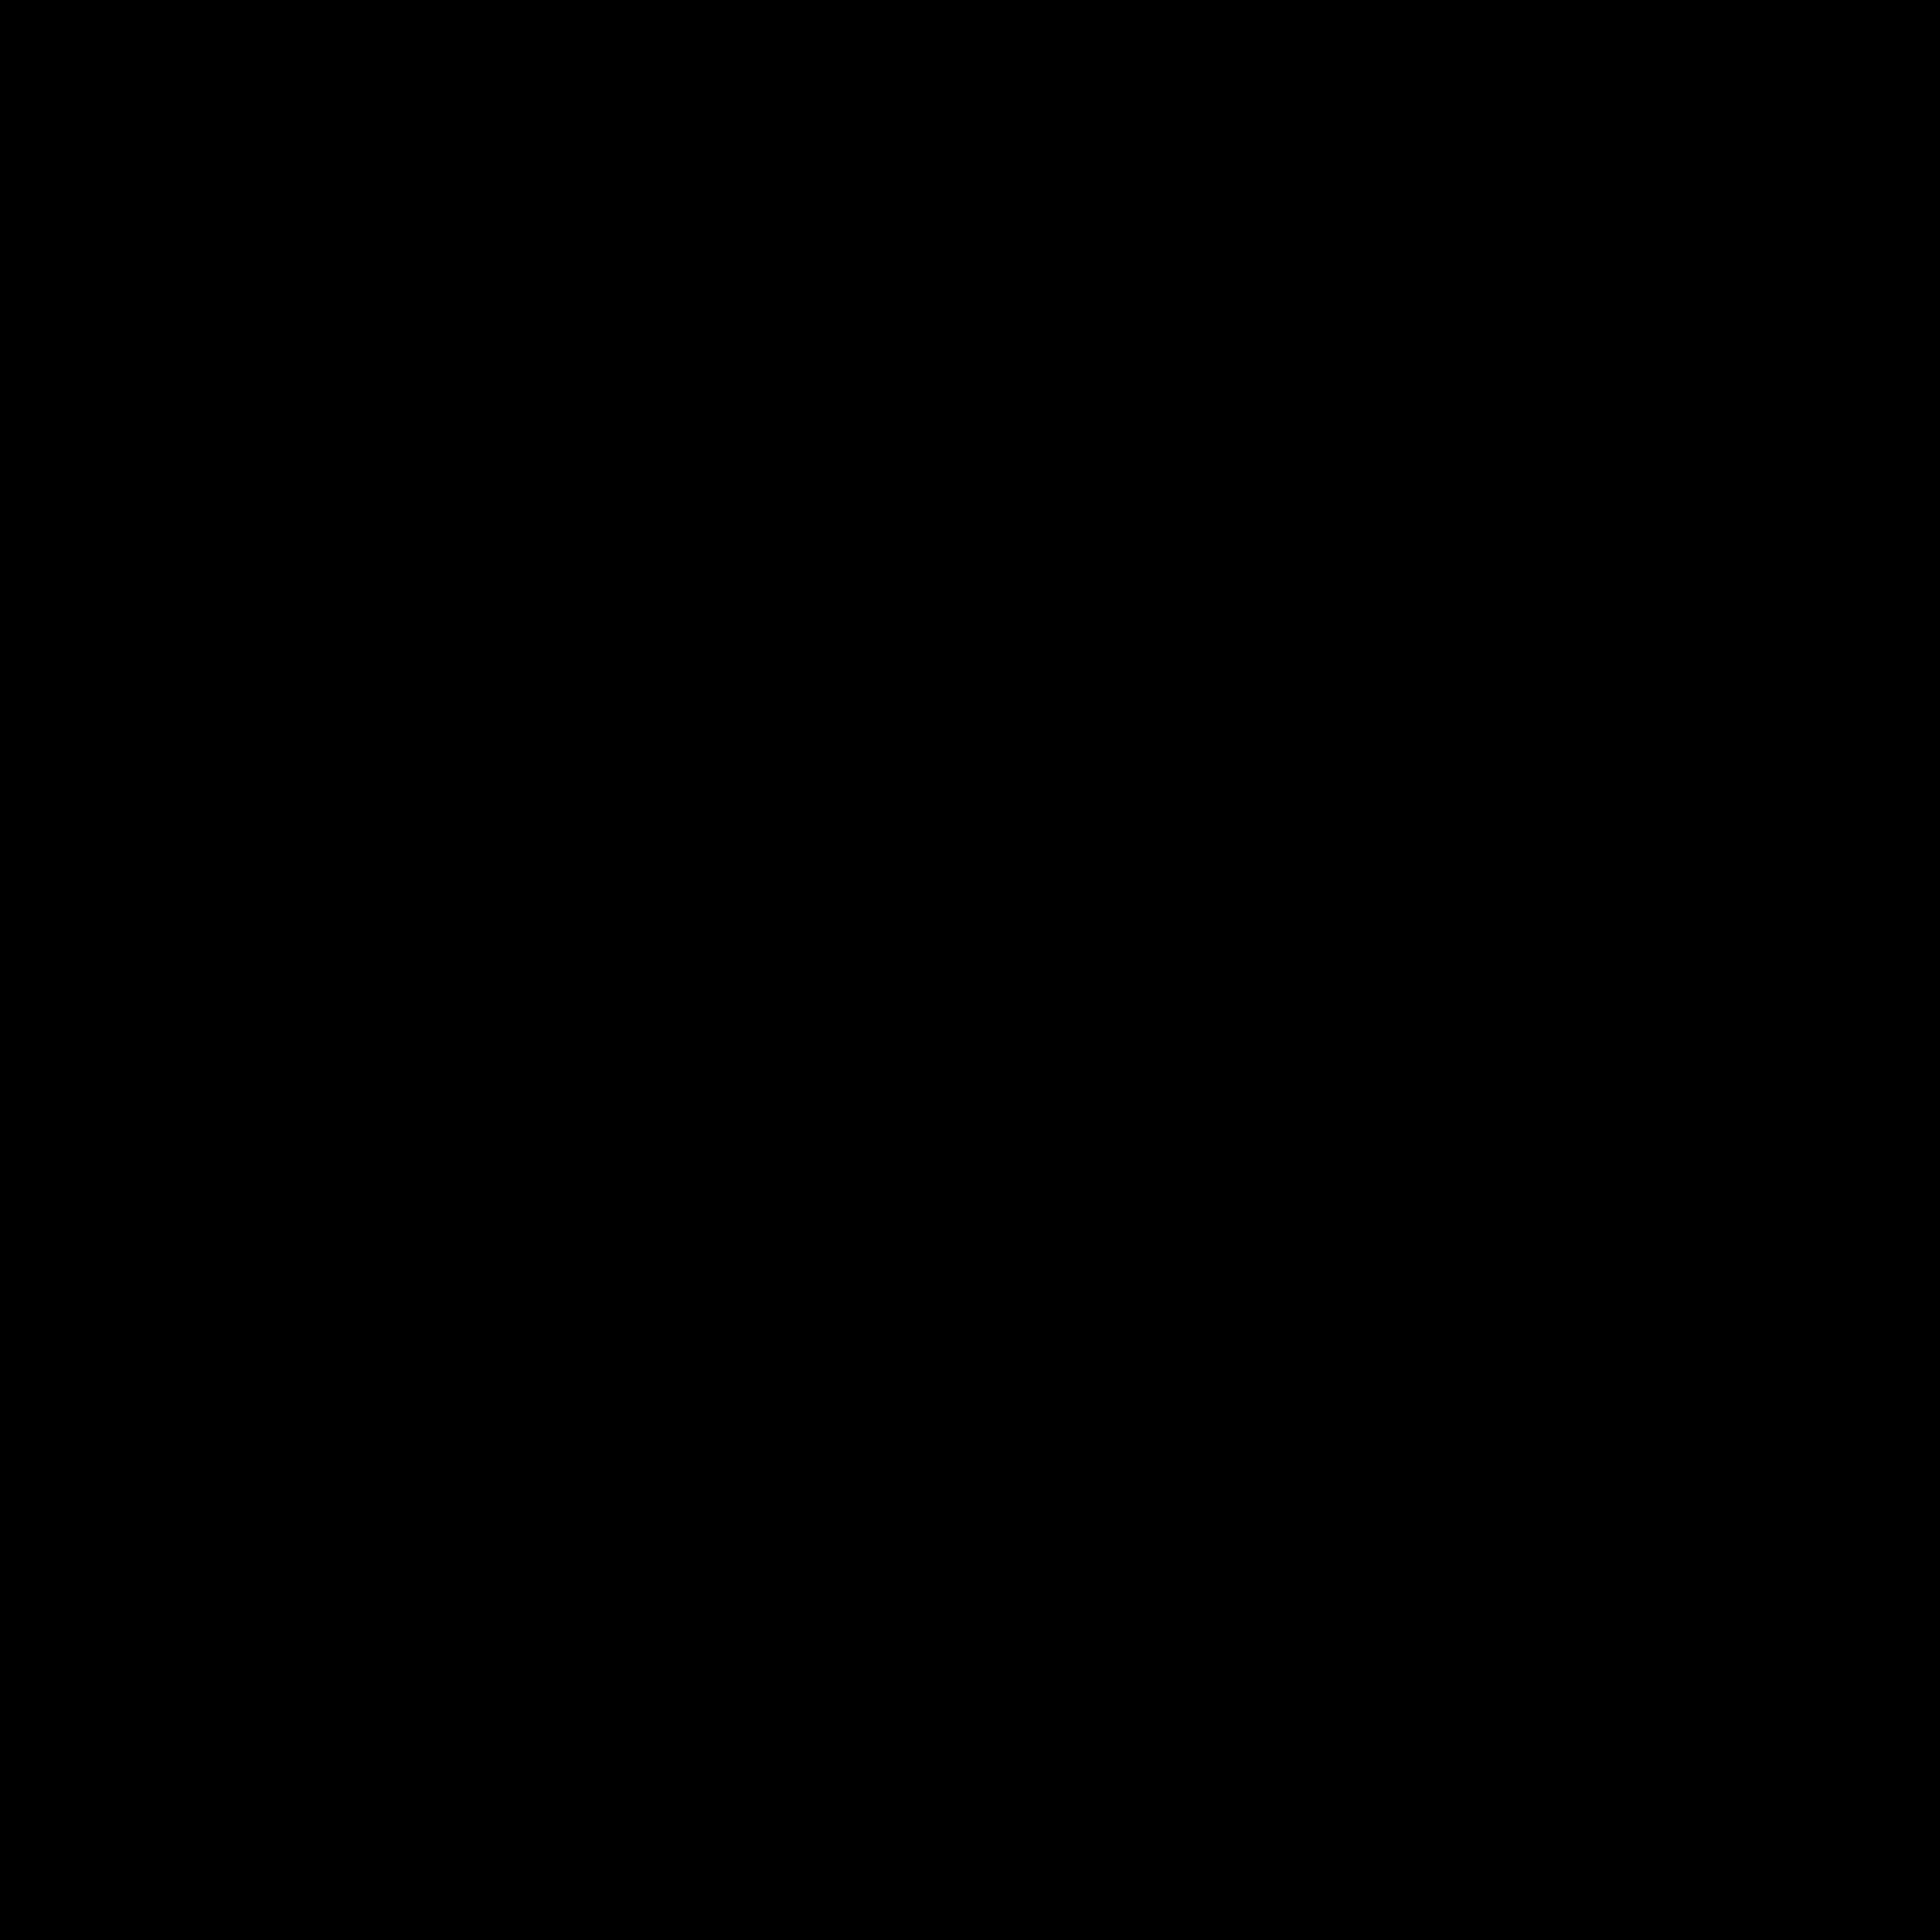 Réveillon 2017-2018